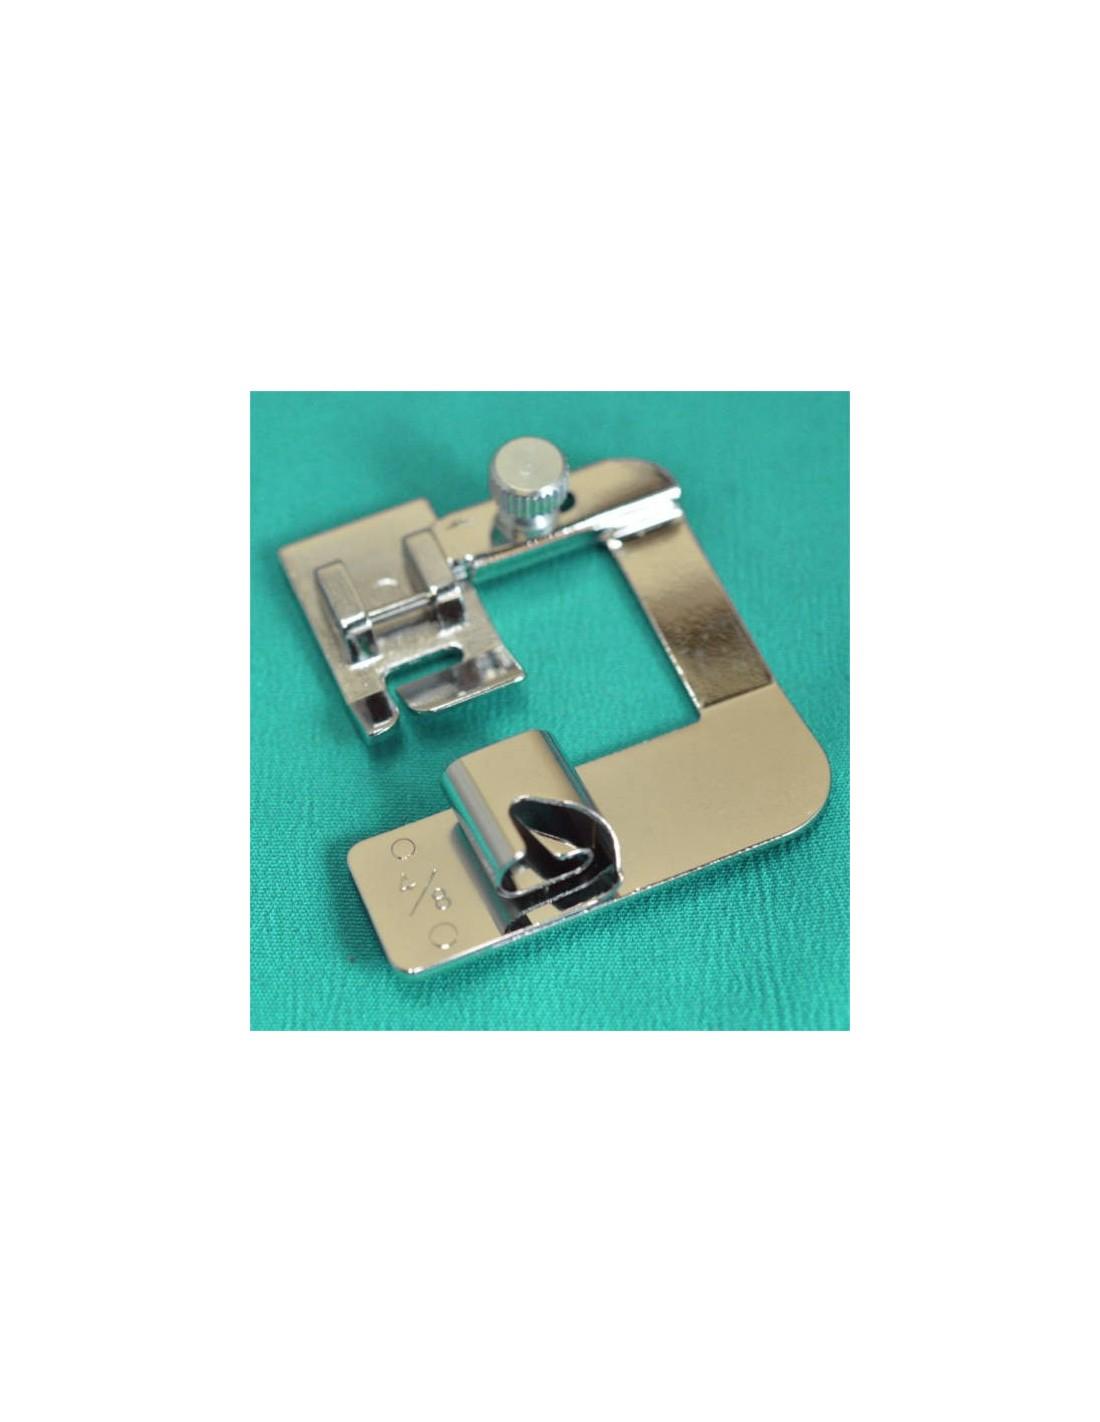 Piedino orlatore 13 mm per macchine da cucire macchina for Machine a coudre 807